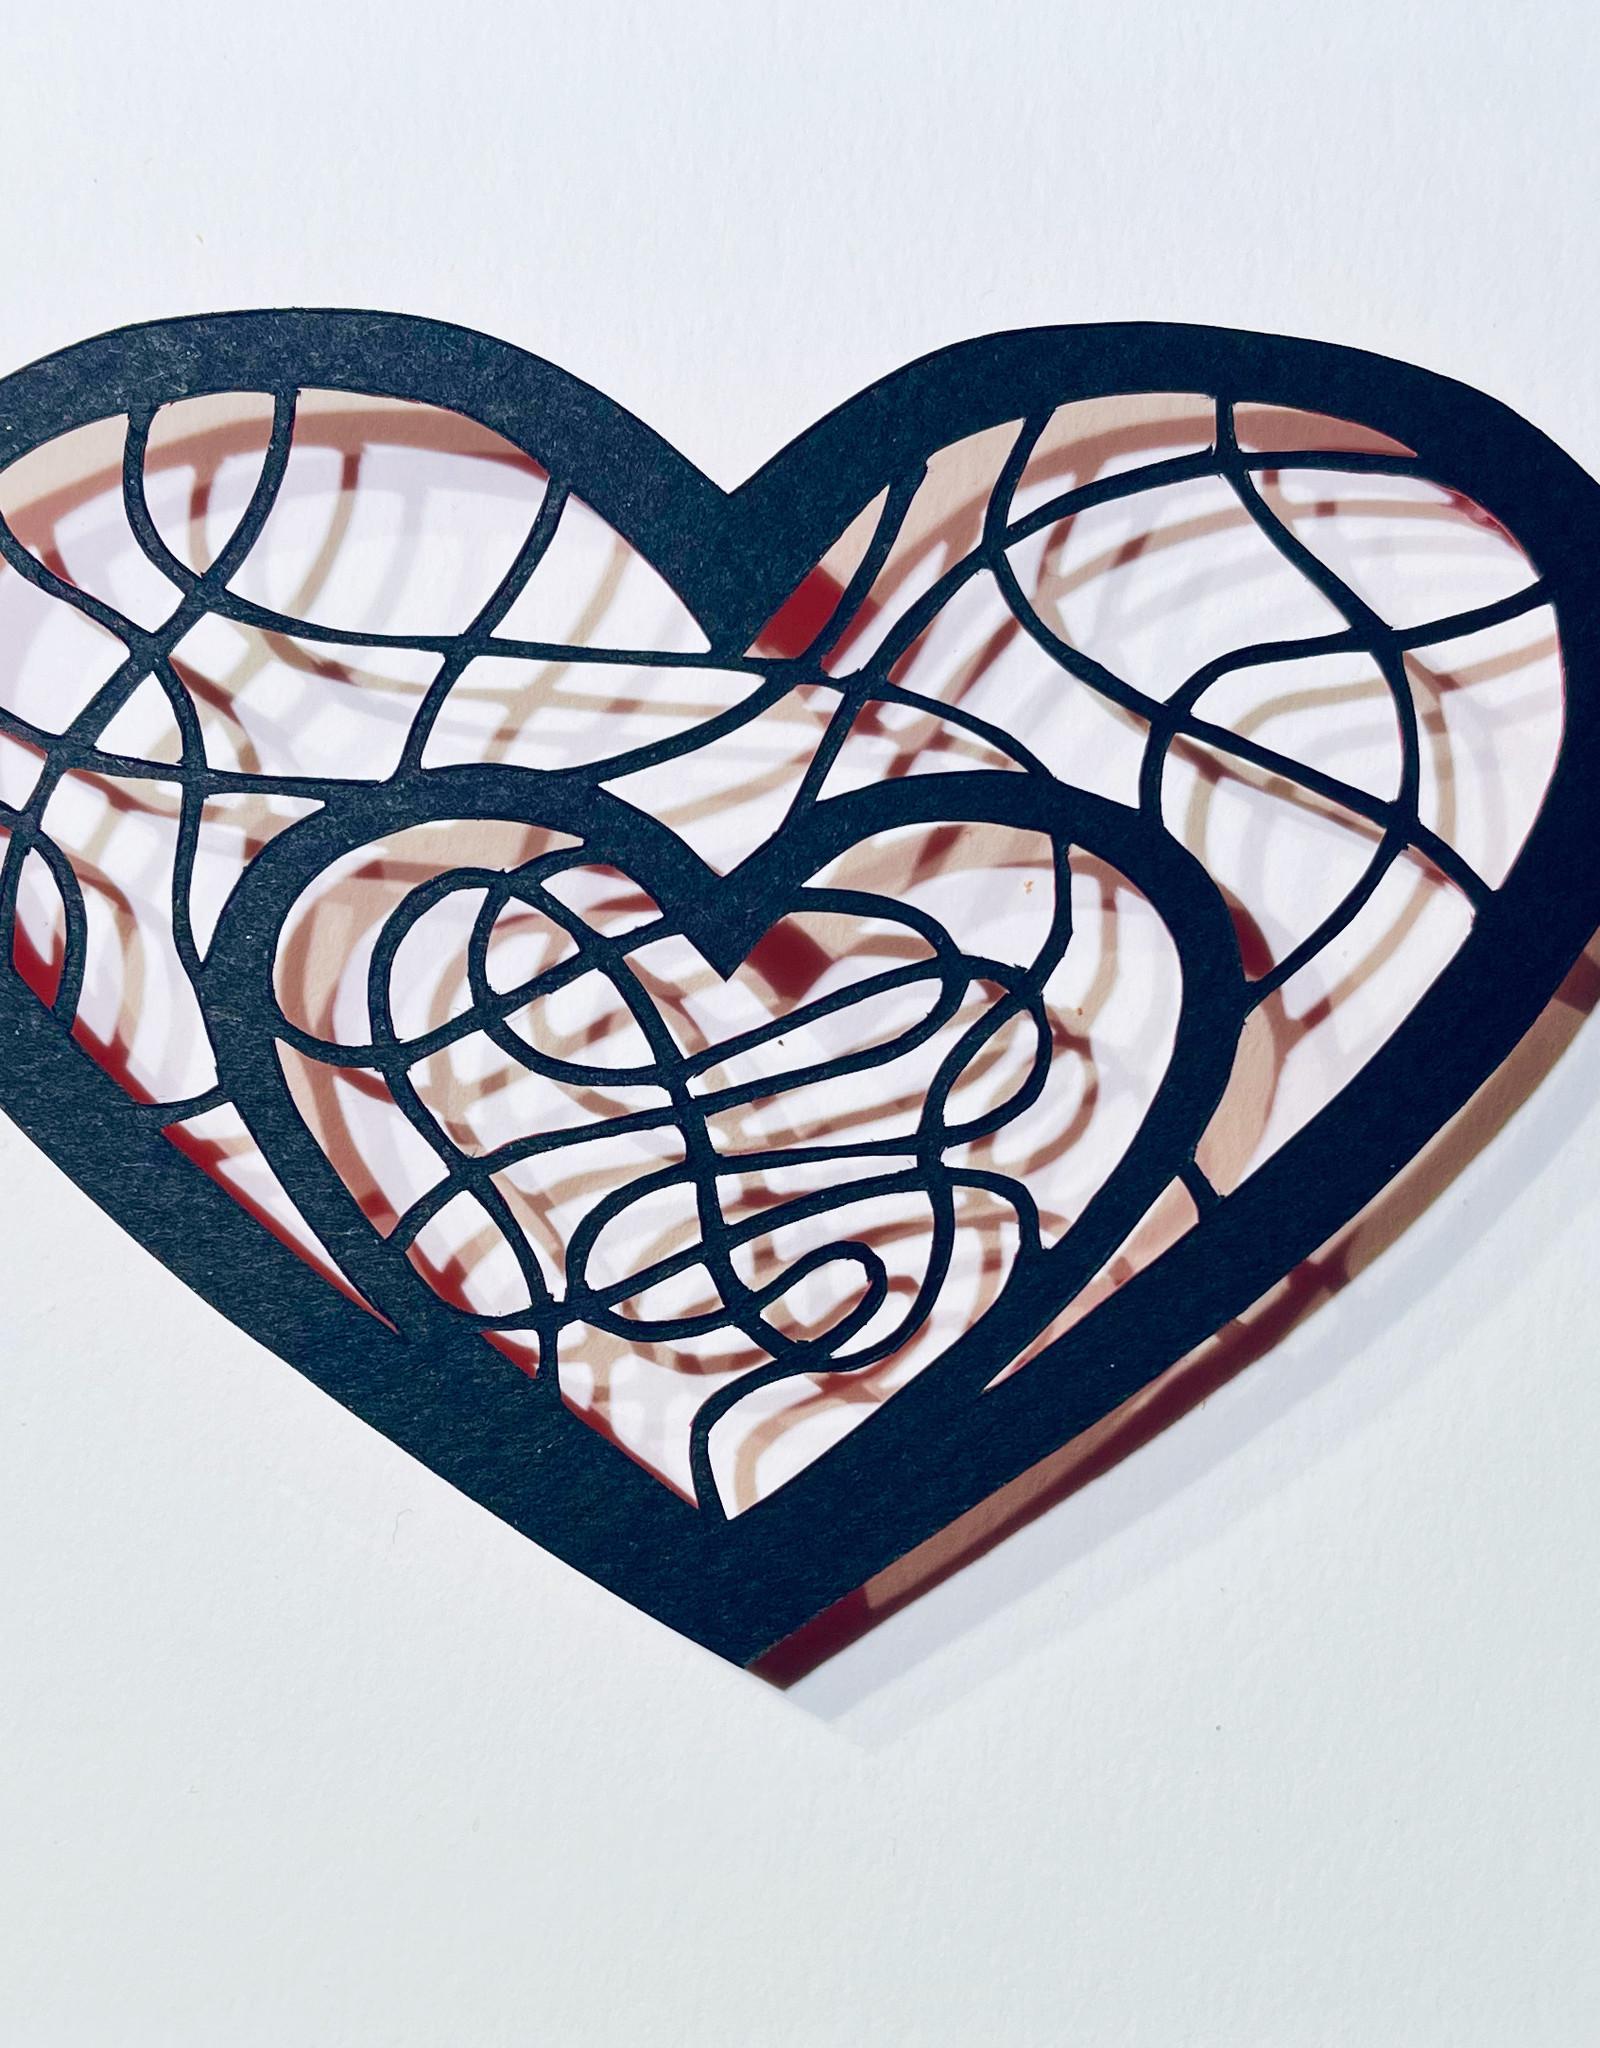 David Friedman Inside Heart - Papercutting